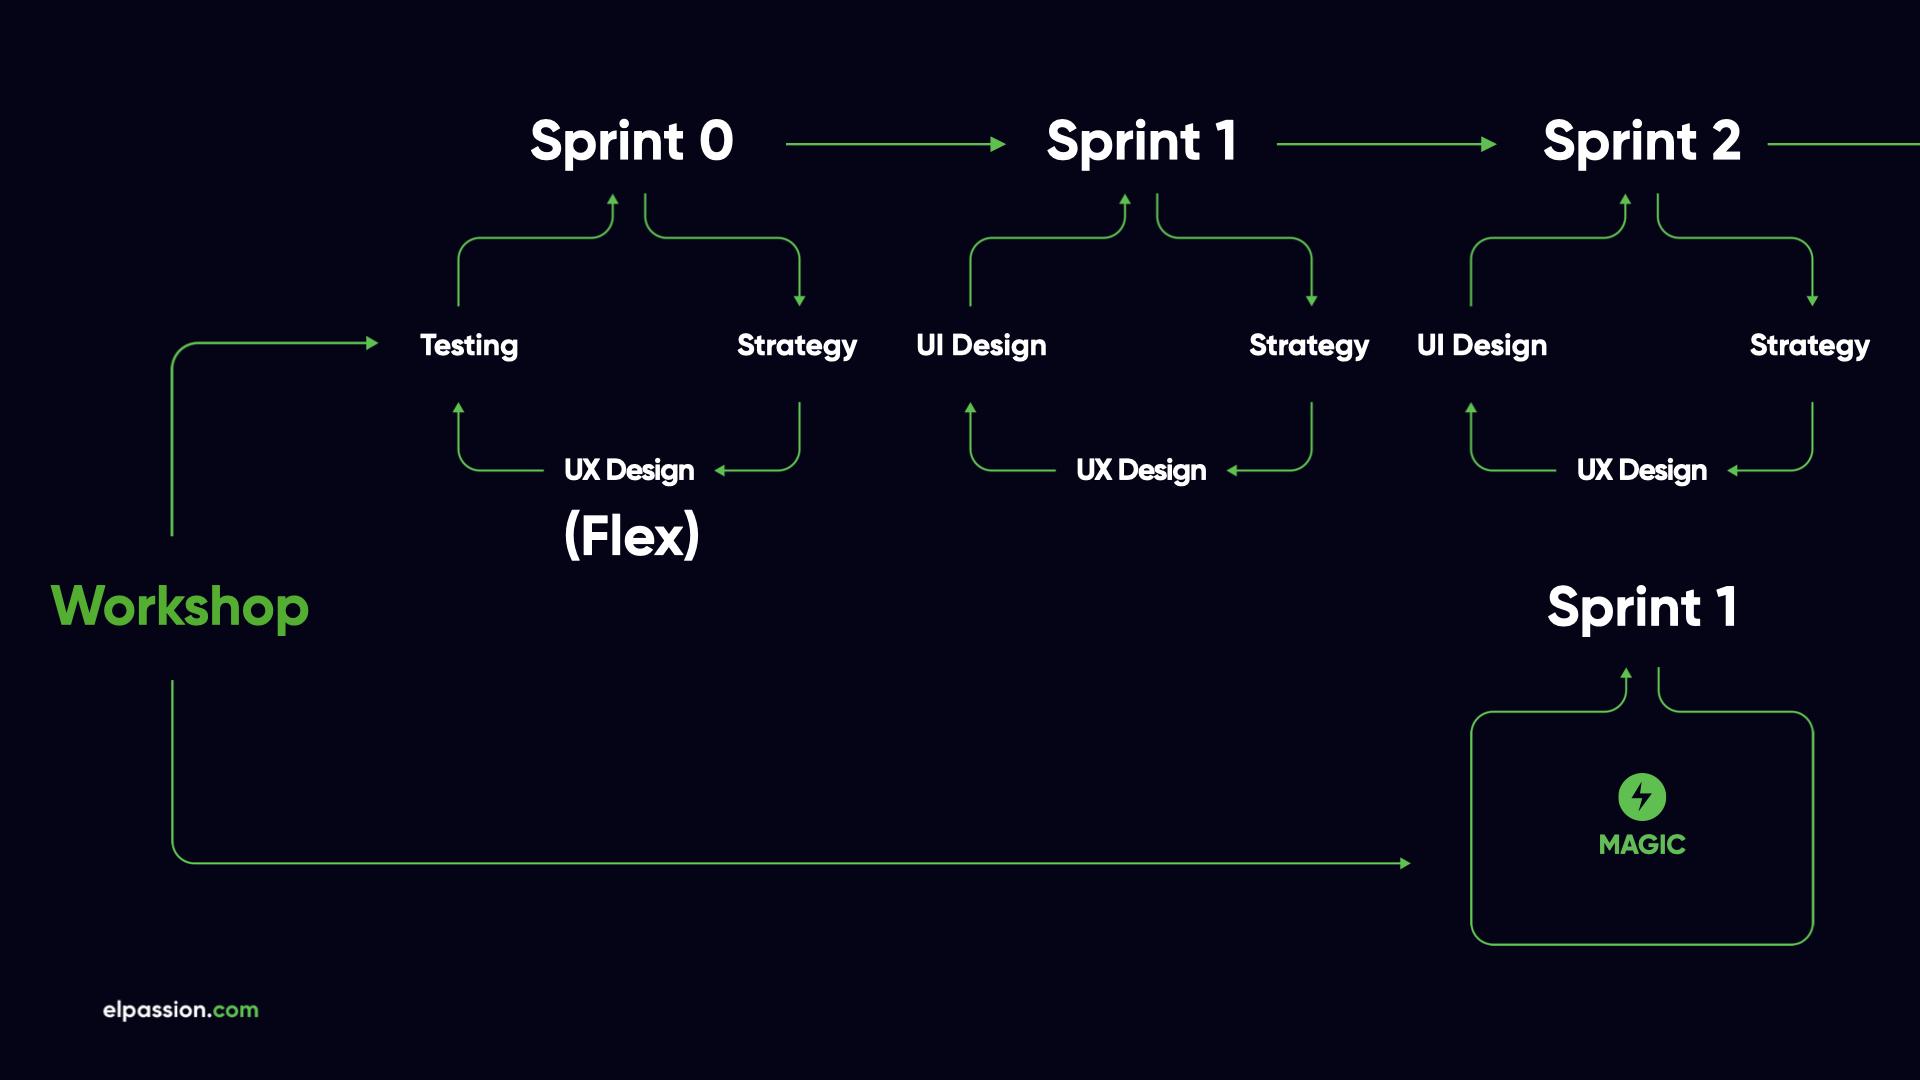 Running-an-agile-software-development-project